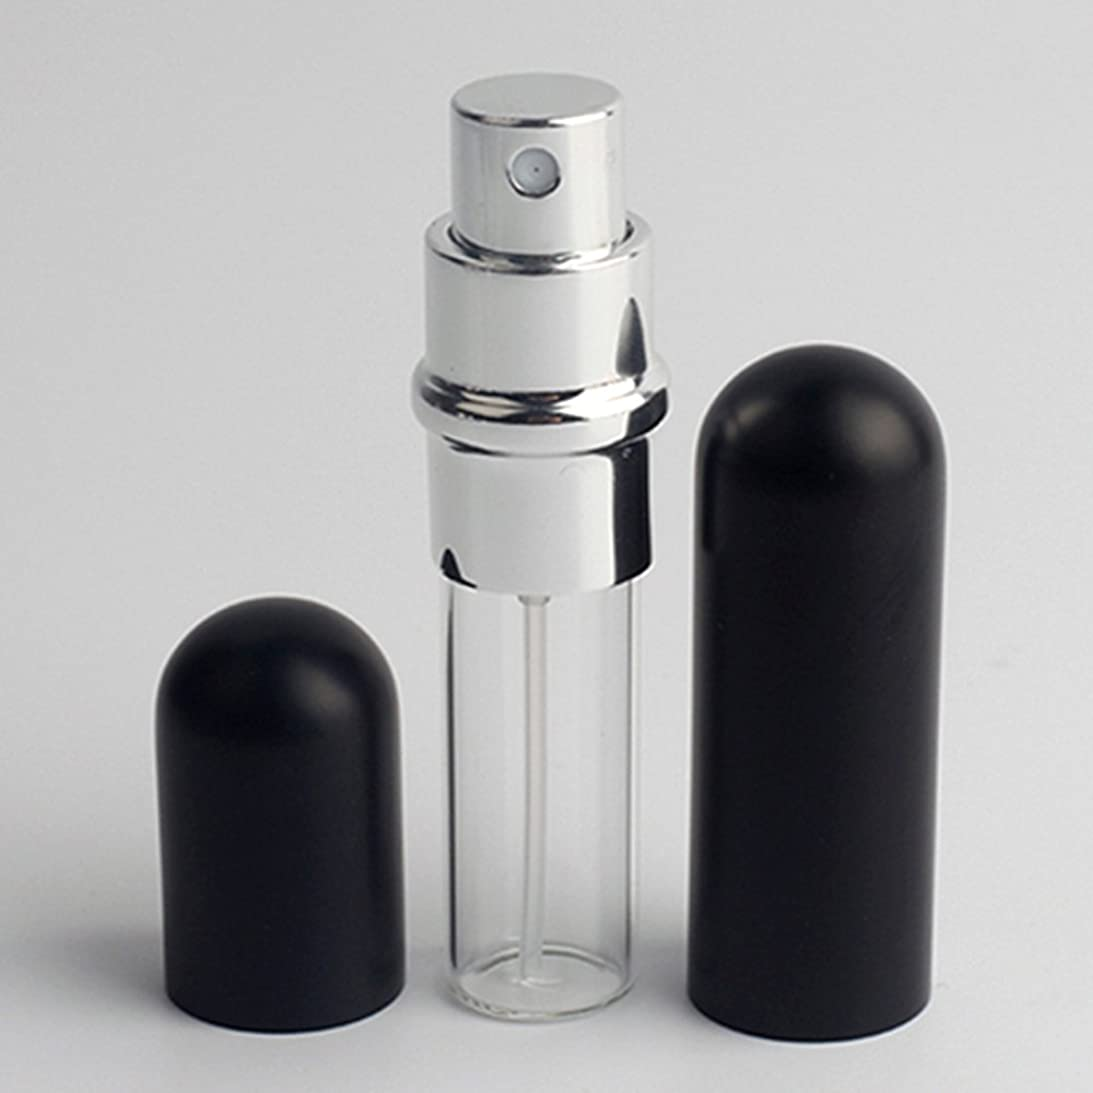 ブリークいつも有毒Merssavo 6ml金属ガラス小型ポータブル詰め替え式アトマイザートラベルスプレー香水ボトル